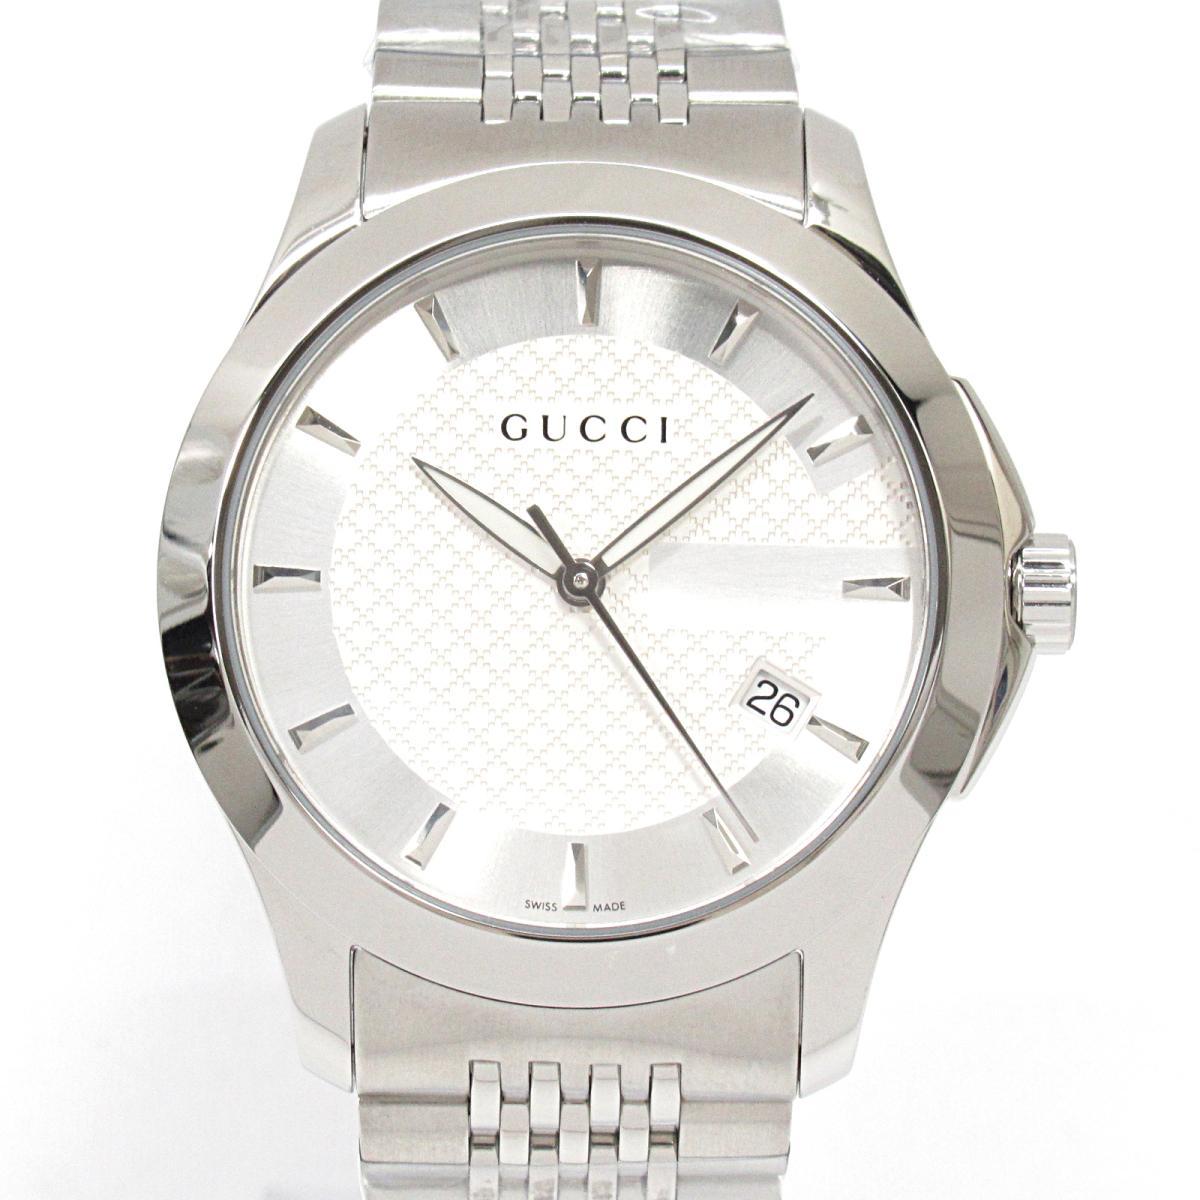 【中古】 グッチ Gタイムレス 腕時計 ウォッチ メンズ ステンレススチール (SS) (126.4) | GUCCI BRANDOFF ブランドオフ ブランド ブランド時計 ブランド腕時計 時計